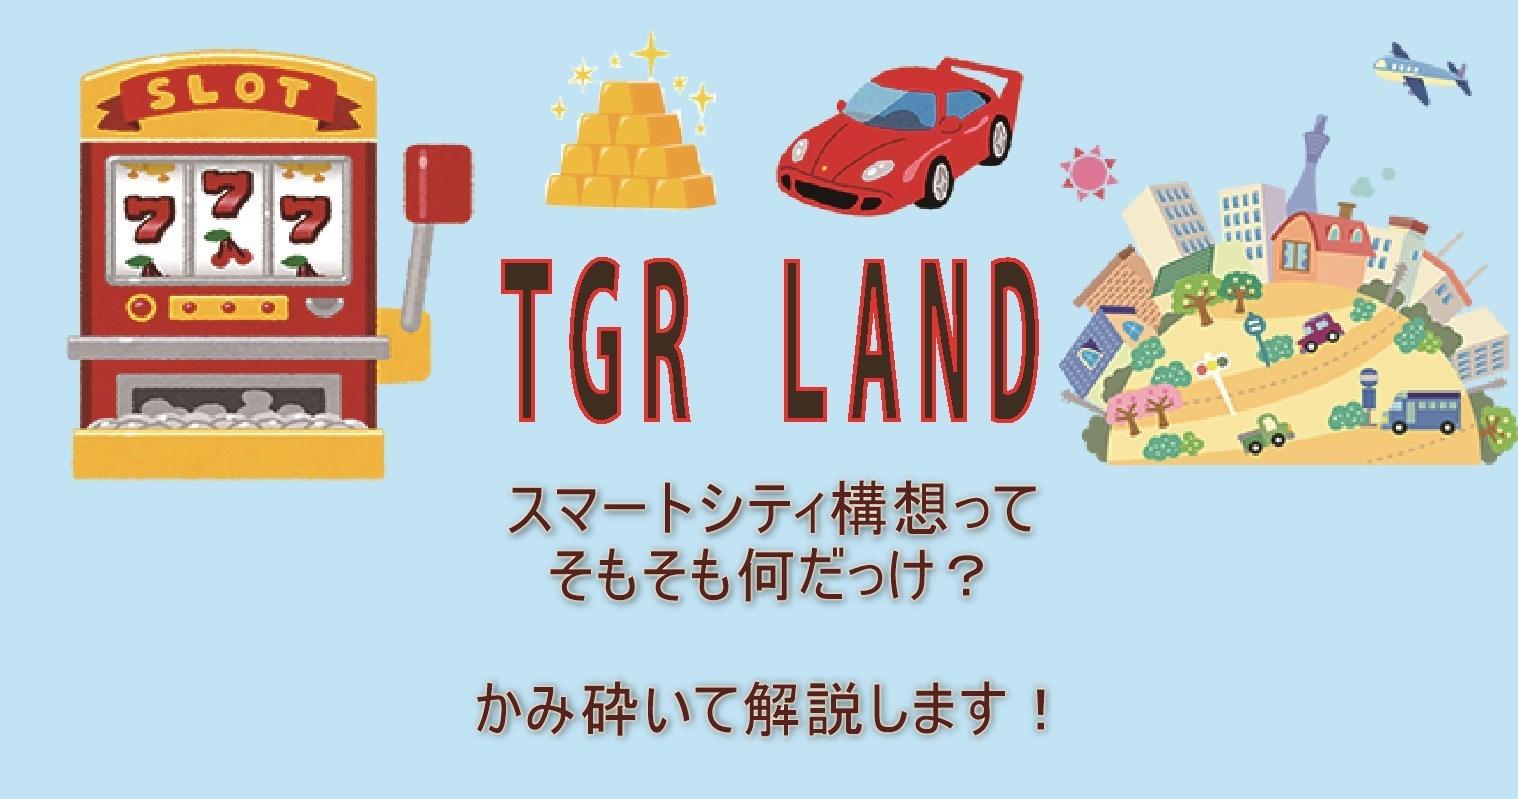 TGR スマートシティとは?